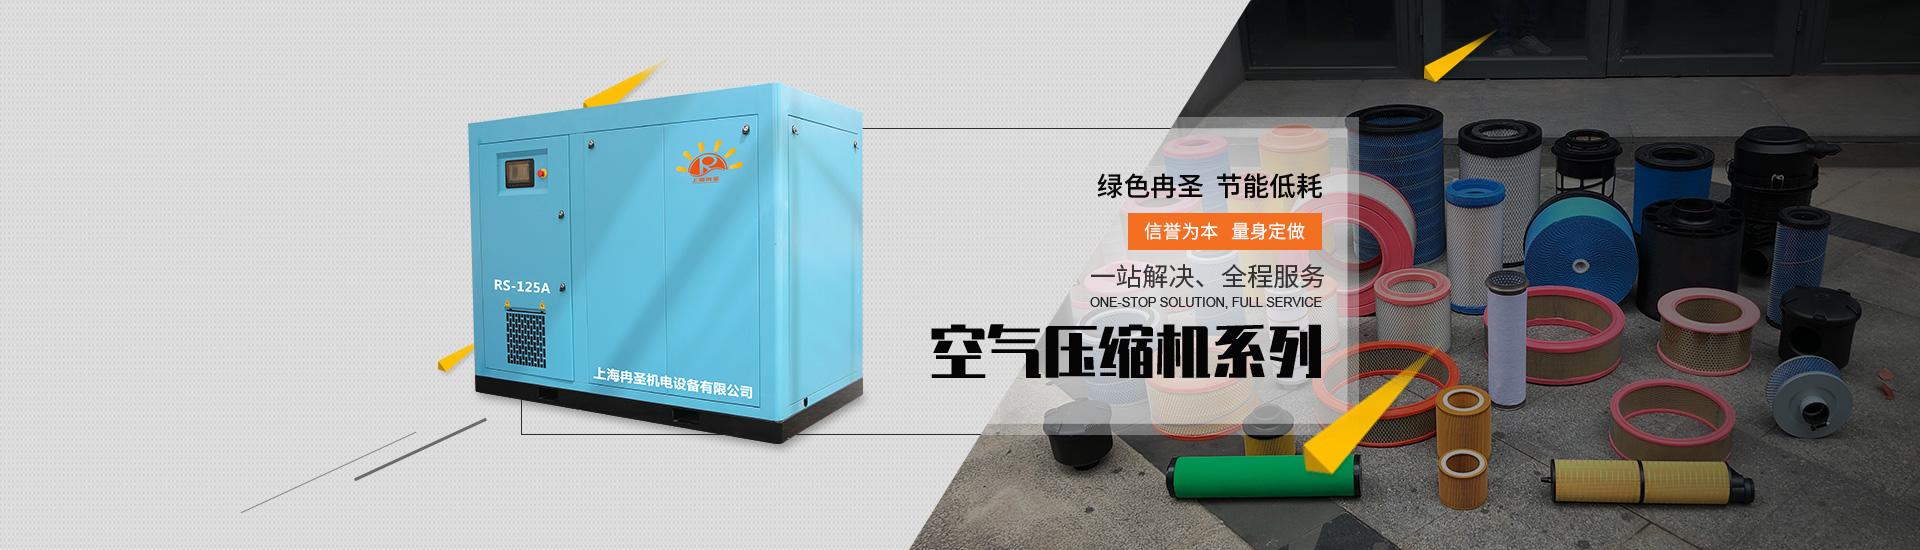 上海冉圣机电设备有限公司